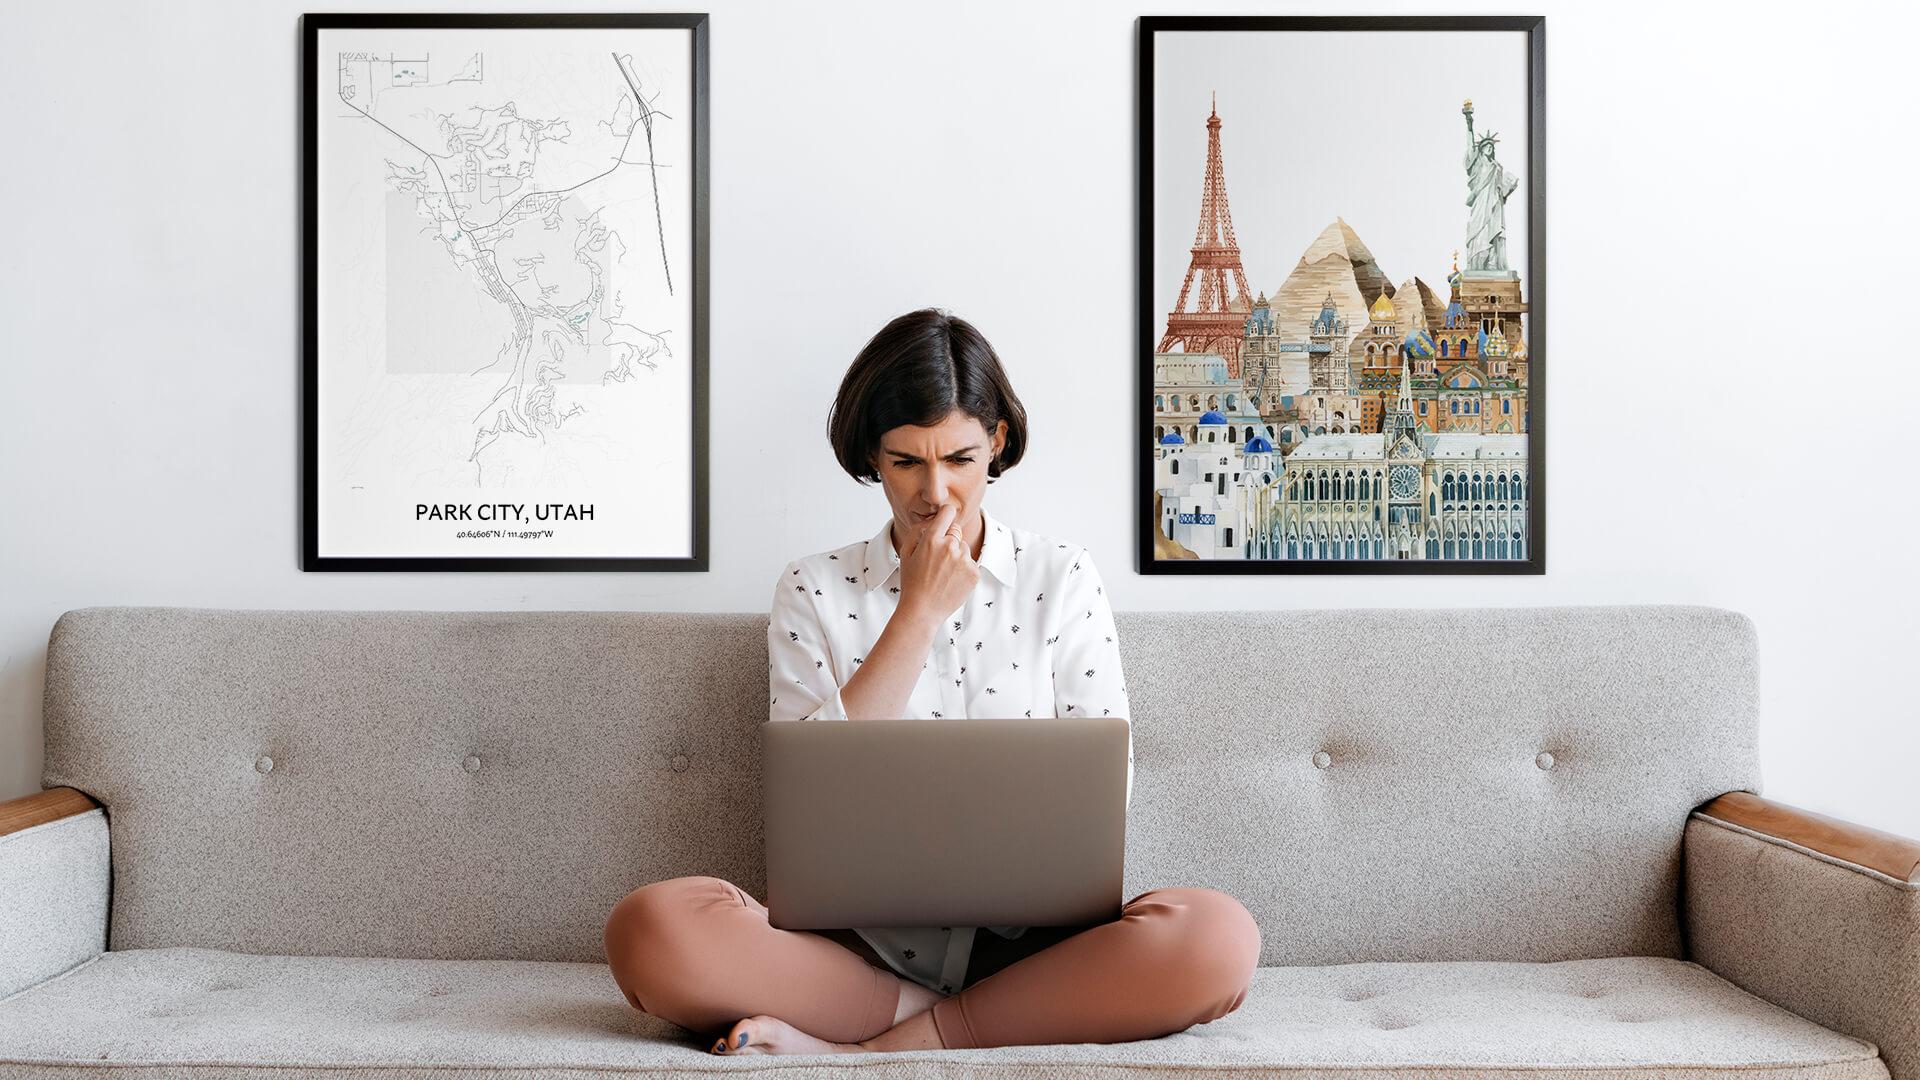 Park City city map art